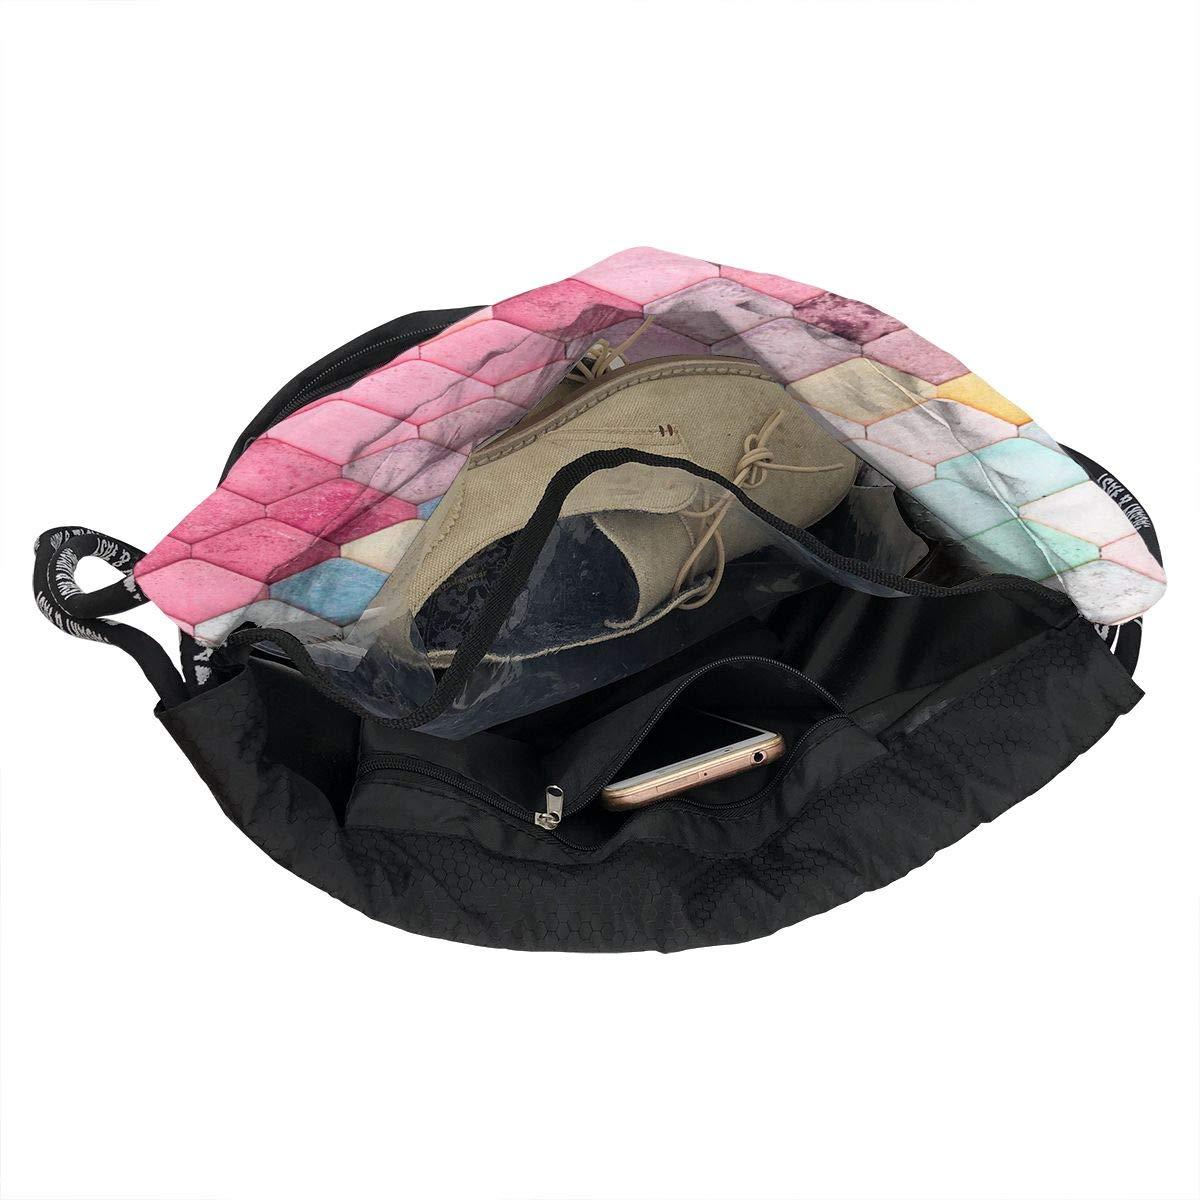 HUOPR5Q Colorful Roof Drawstring Backpack Sport Gym Sack Shoulder Bulk Bag Dance Bag for School Travel